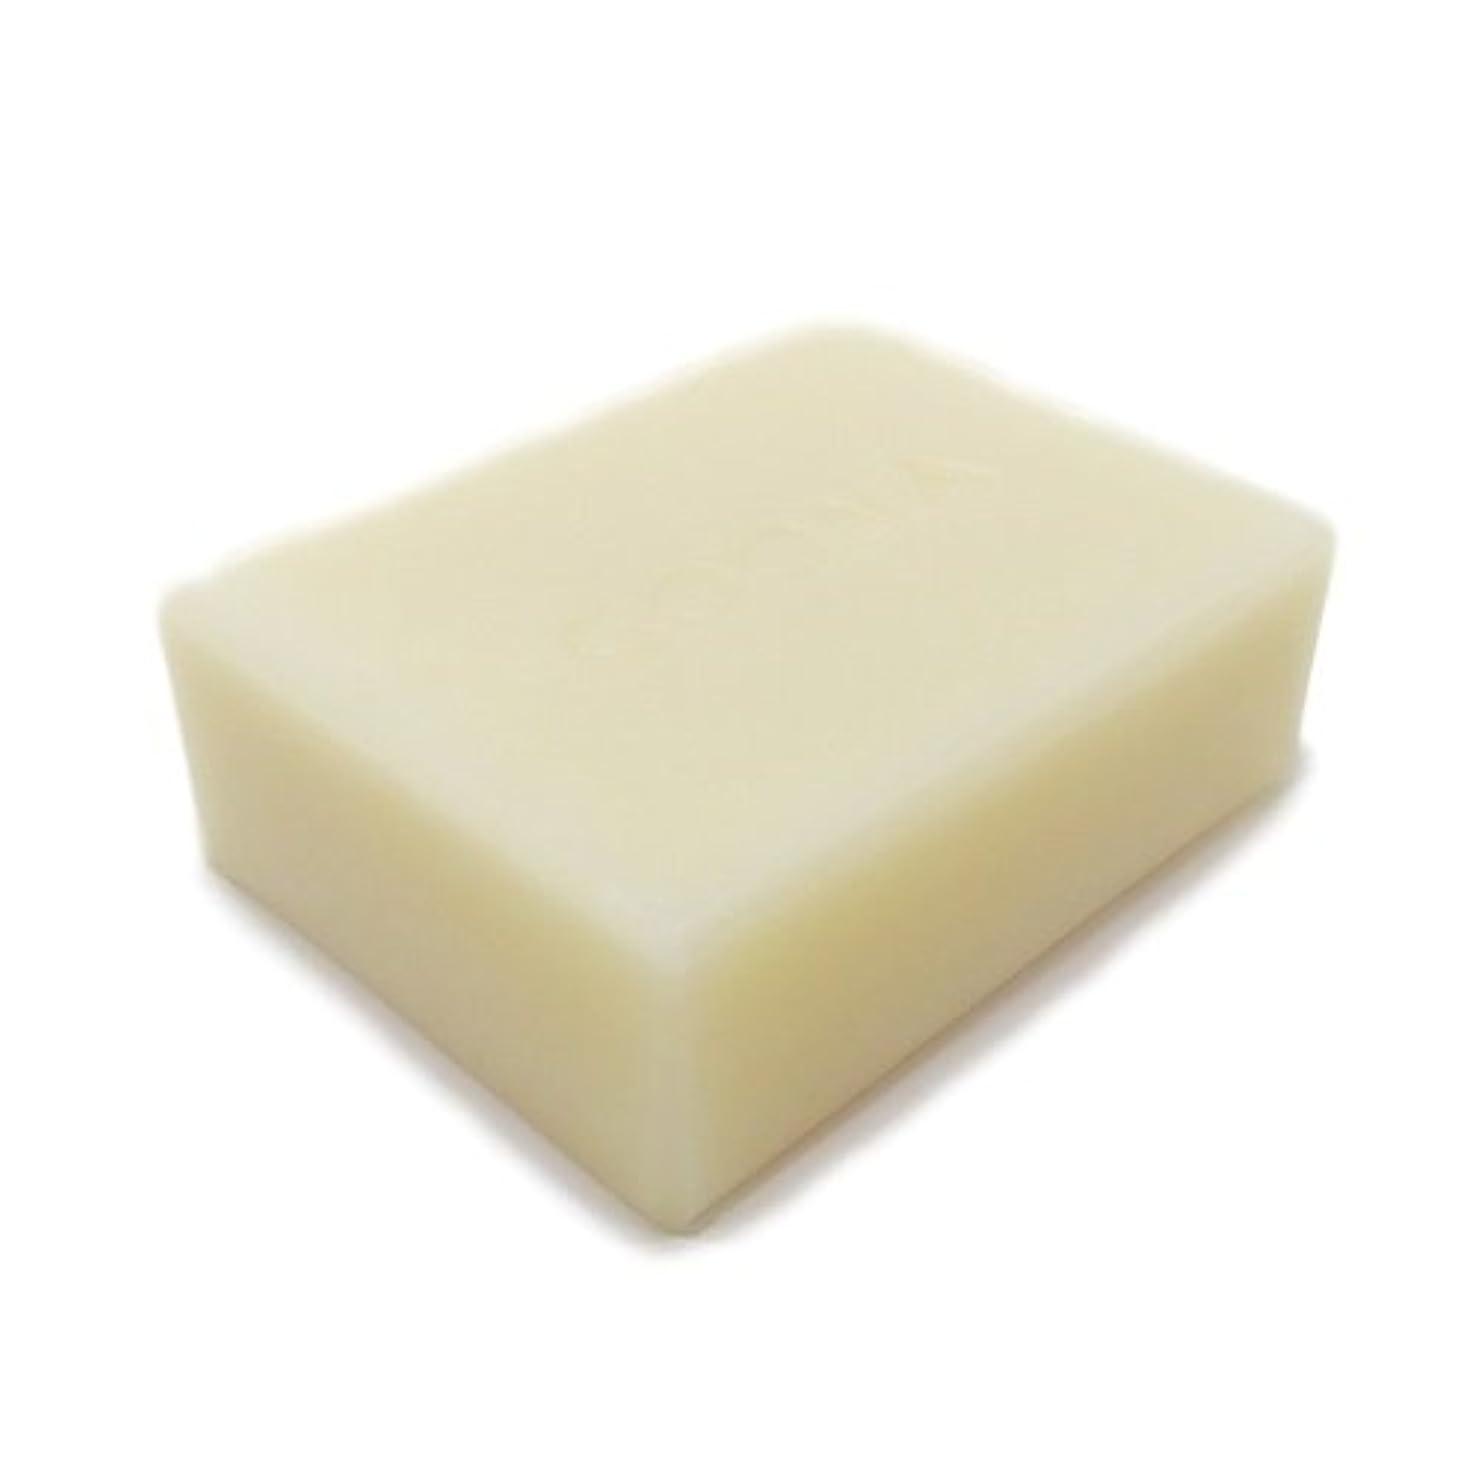 船上反逆者リテラシー浴用石鹸 COONA和の香り石けん はっか (天然素材 自然派 コールドプロセス 手作り せっけん) 80g